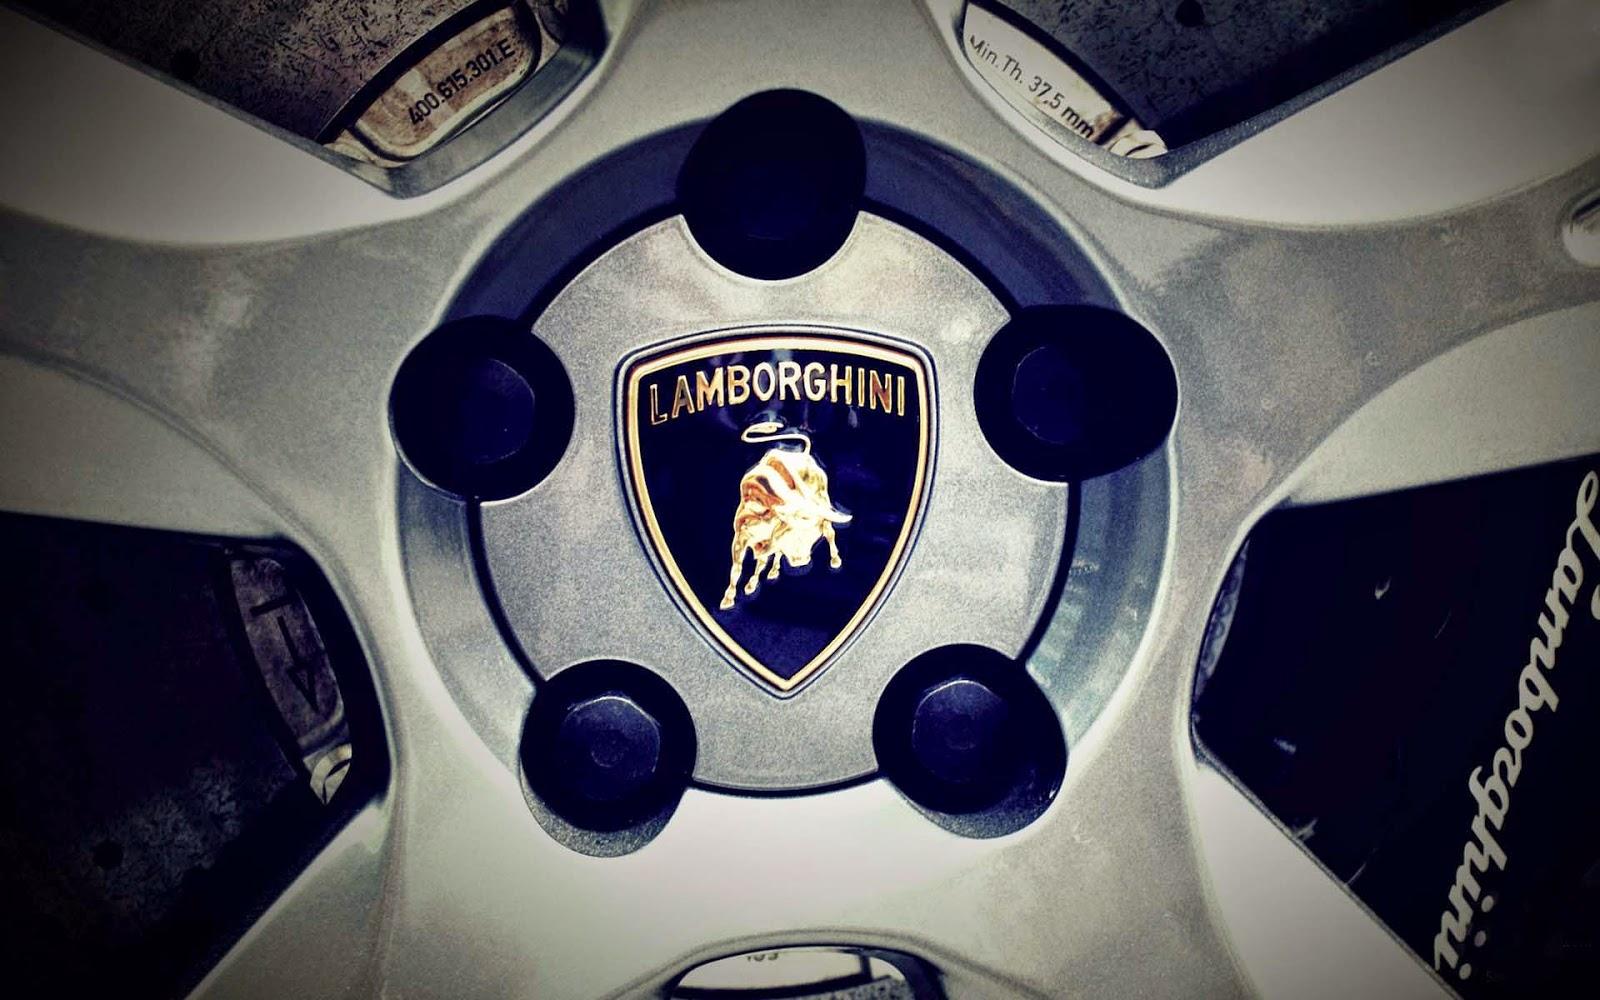 Histoire de l marque de voiture italienne Lamborghini